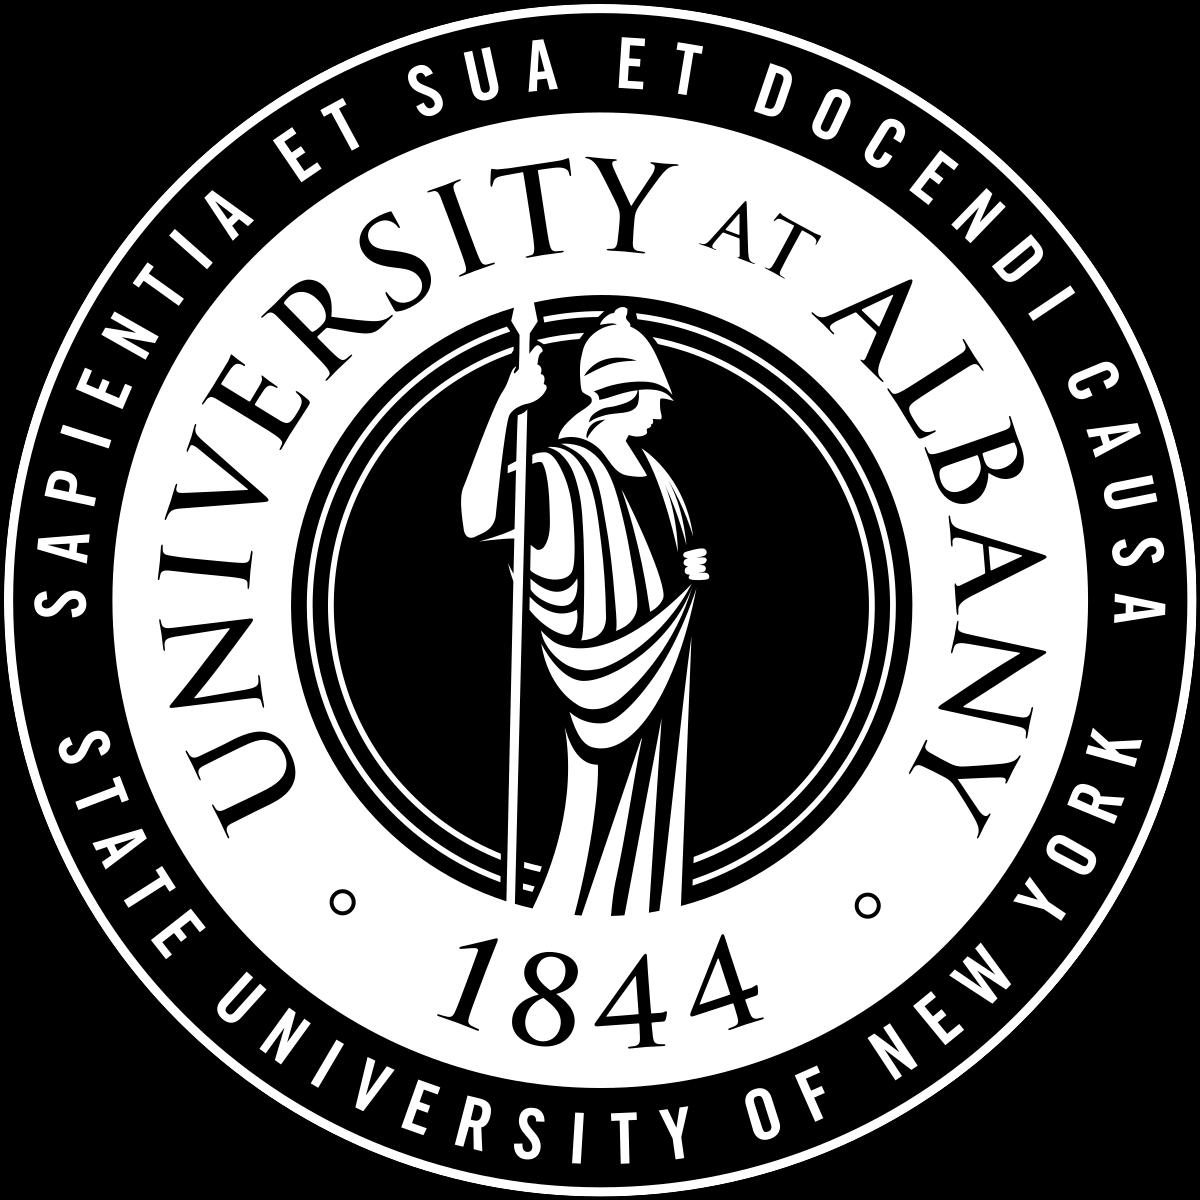 Sunny clipart suny. University at albany wikipedia